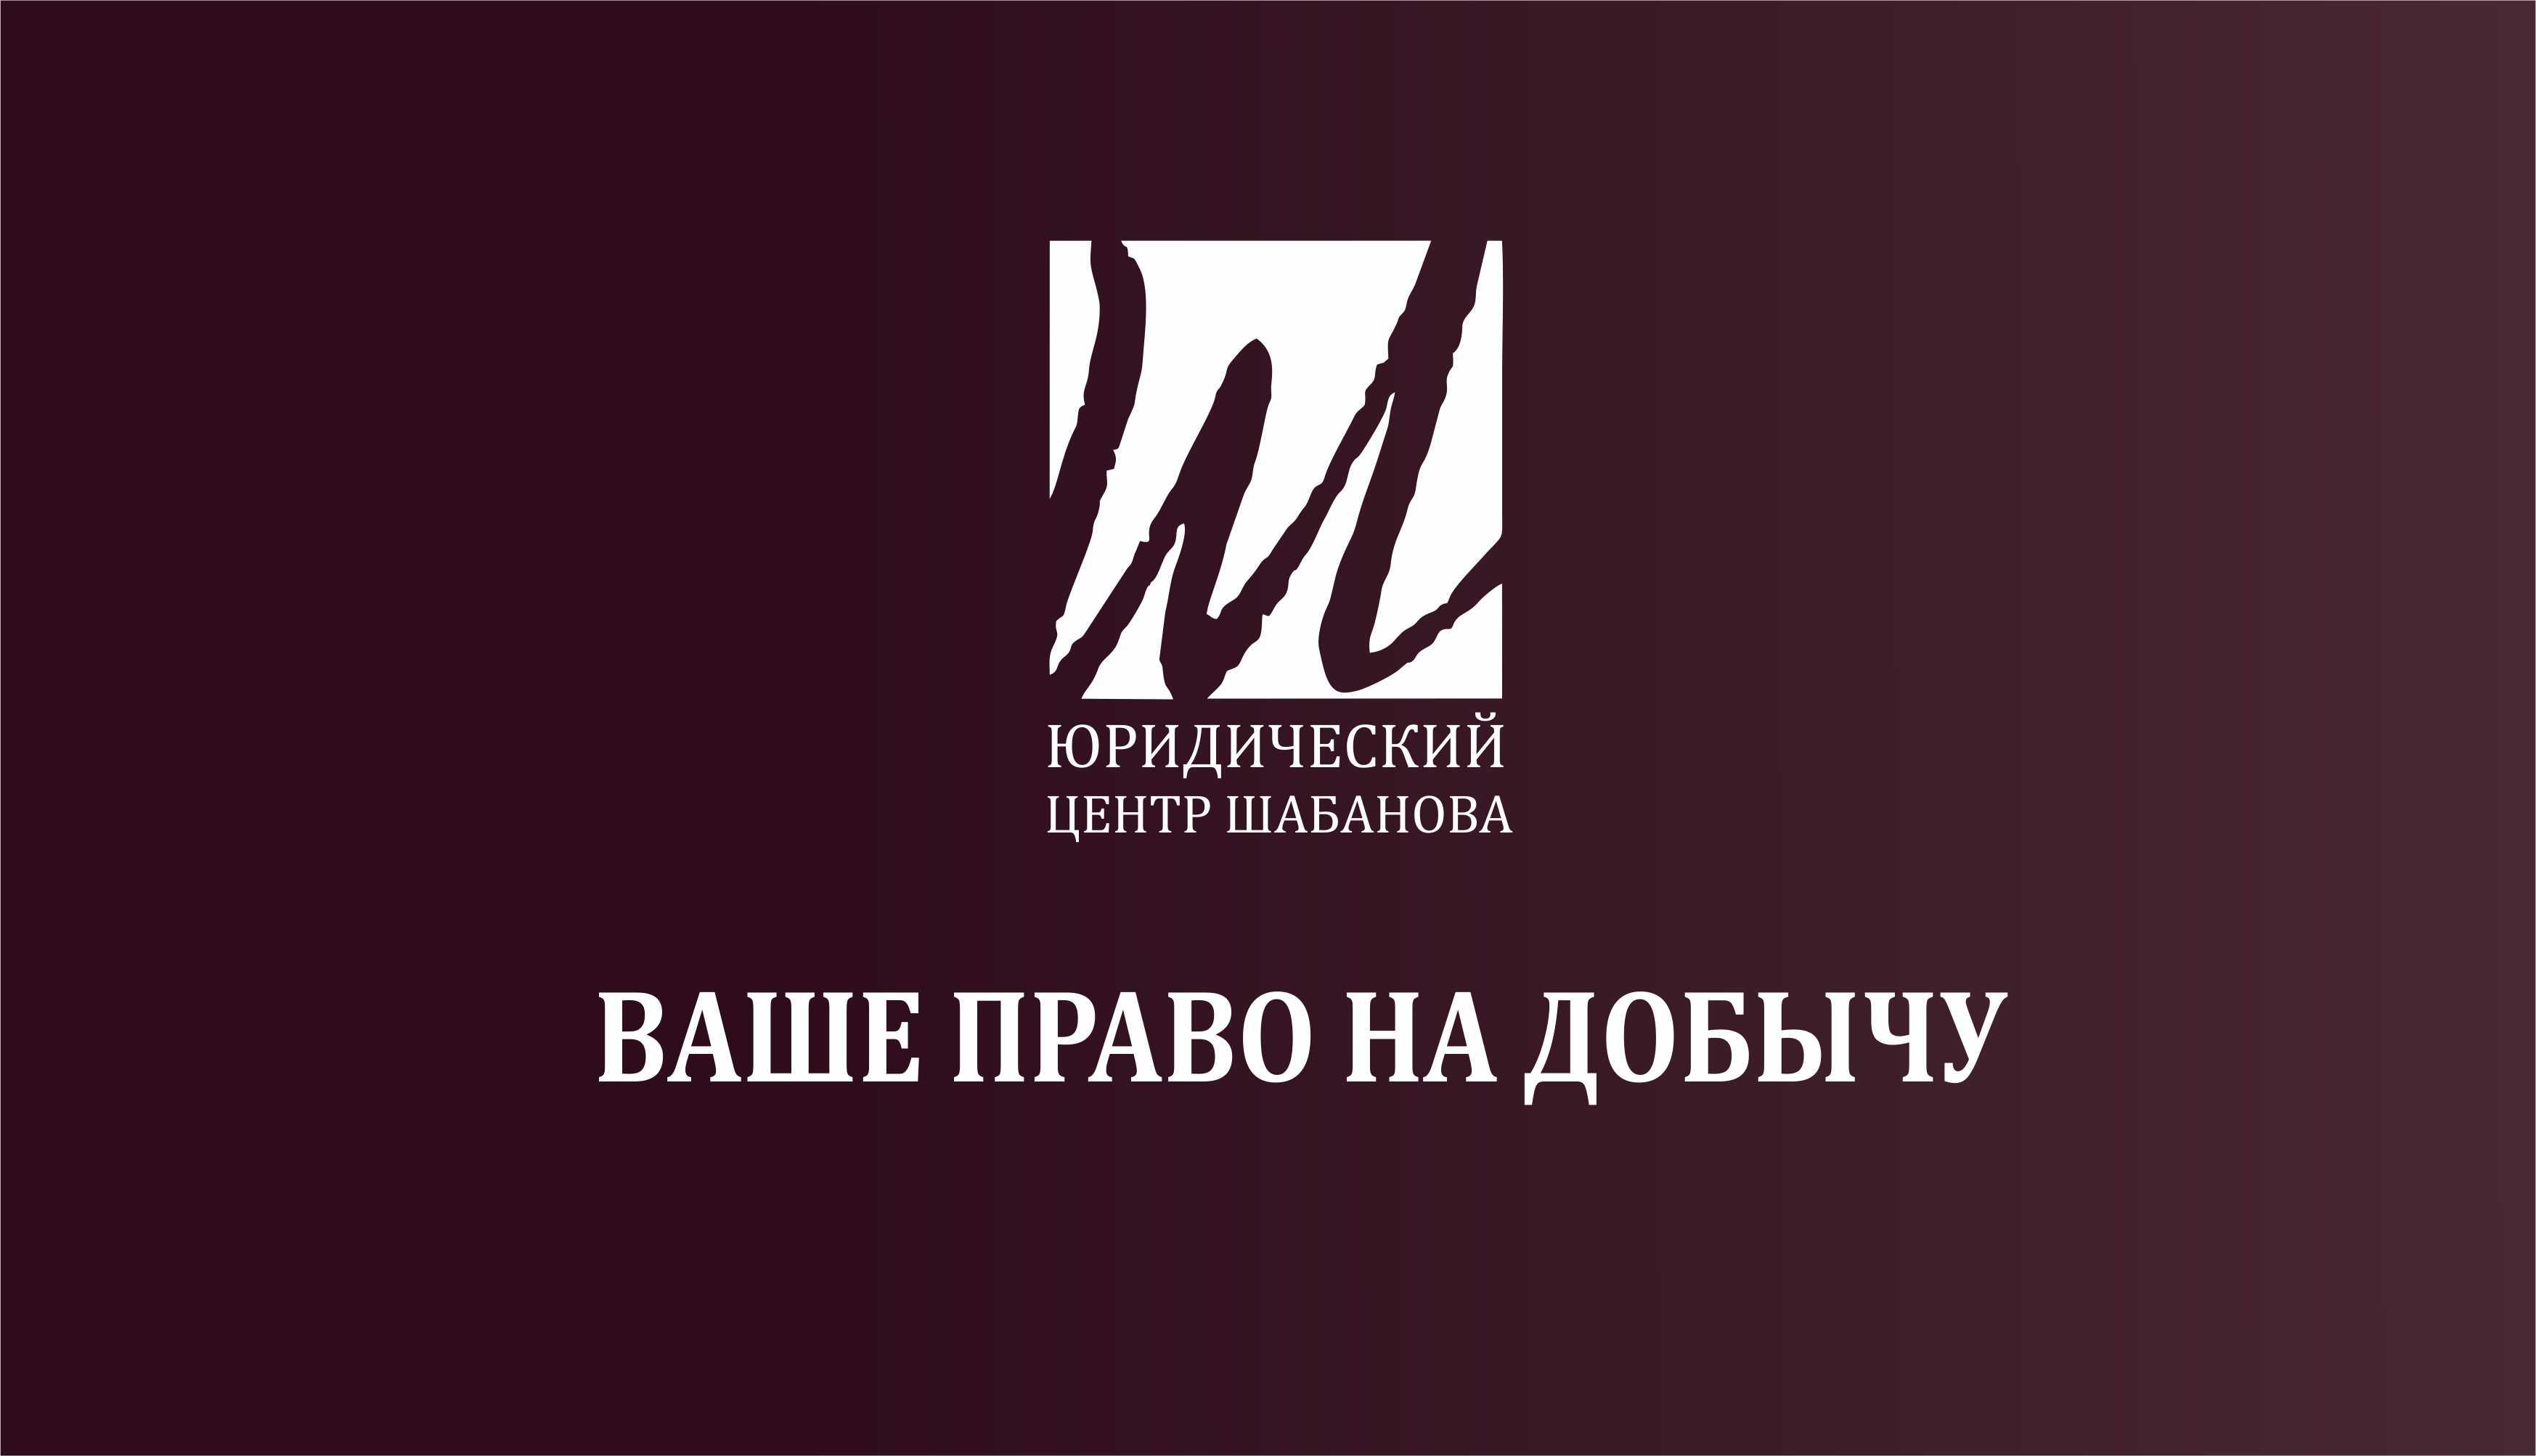 Юридический-Центр-Шабанова